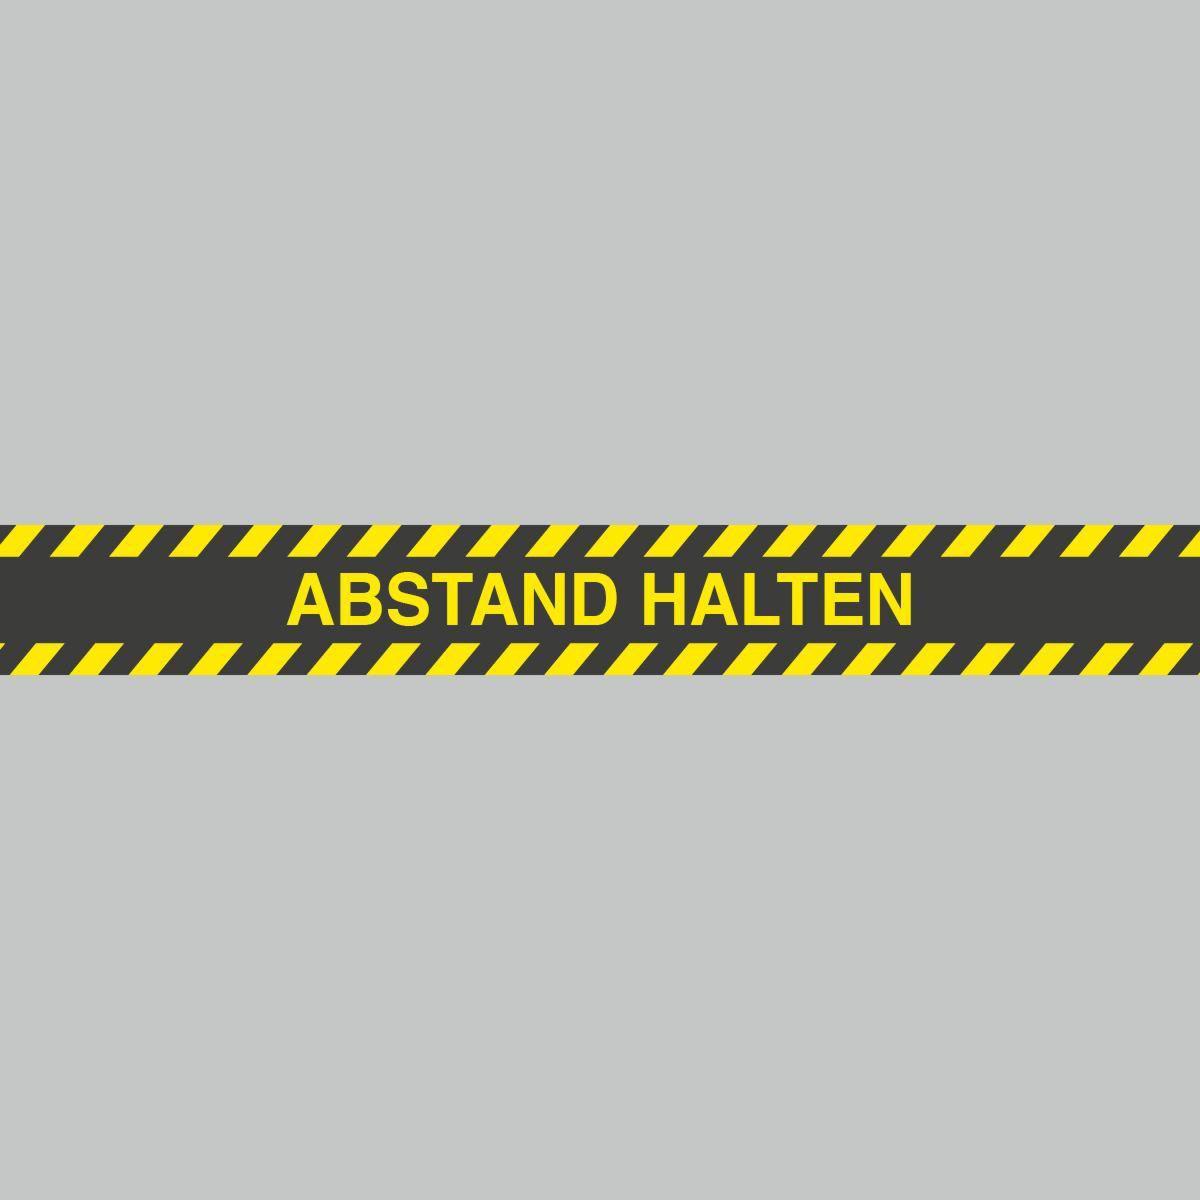 Fußbodenaufkleber, gelb-schwarz, Streifen, 120x15cm – Abstand halten